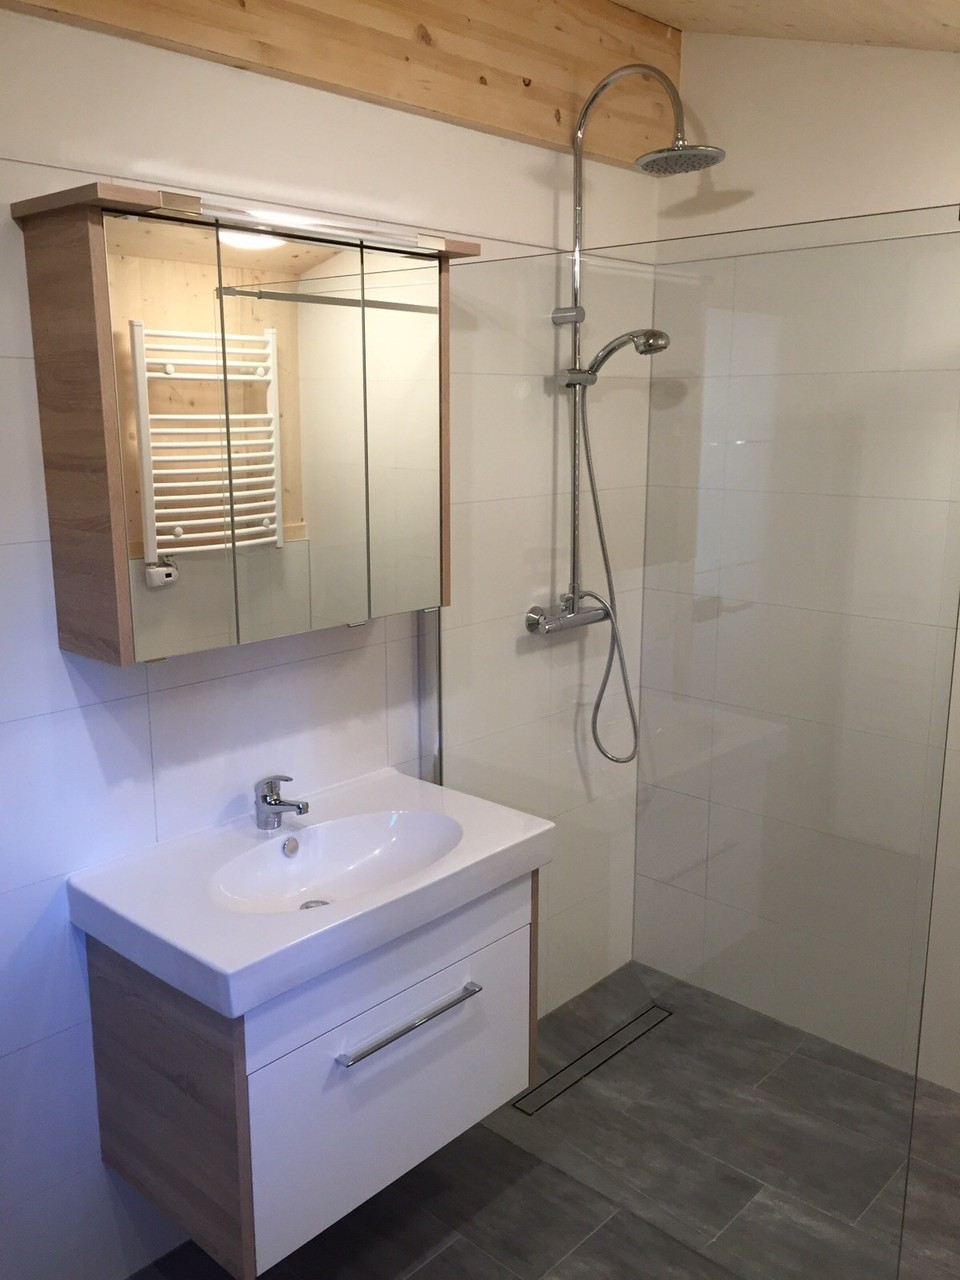 Bad mit ebenerdiger Regendusche, Fußbodenheizung, Handtuchheizkörper, Infrarotsauna